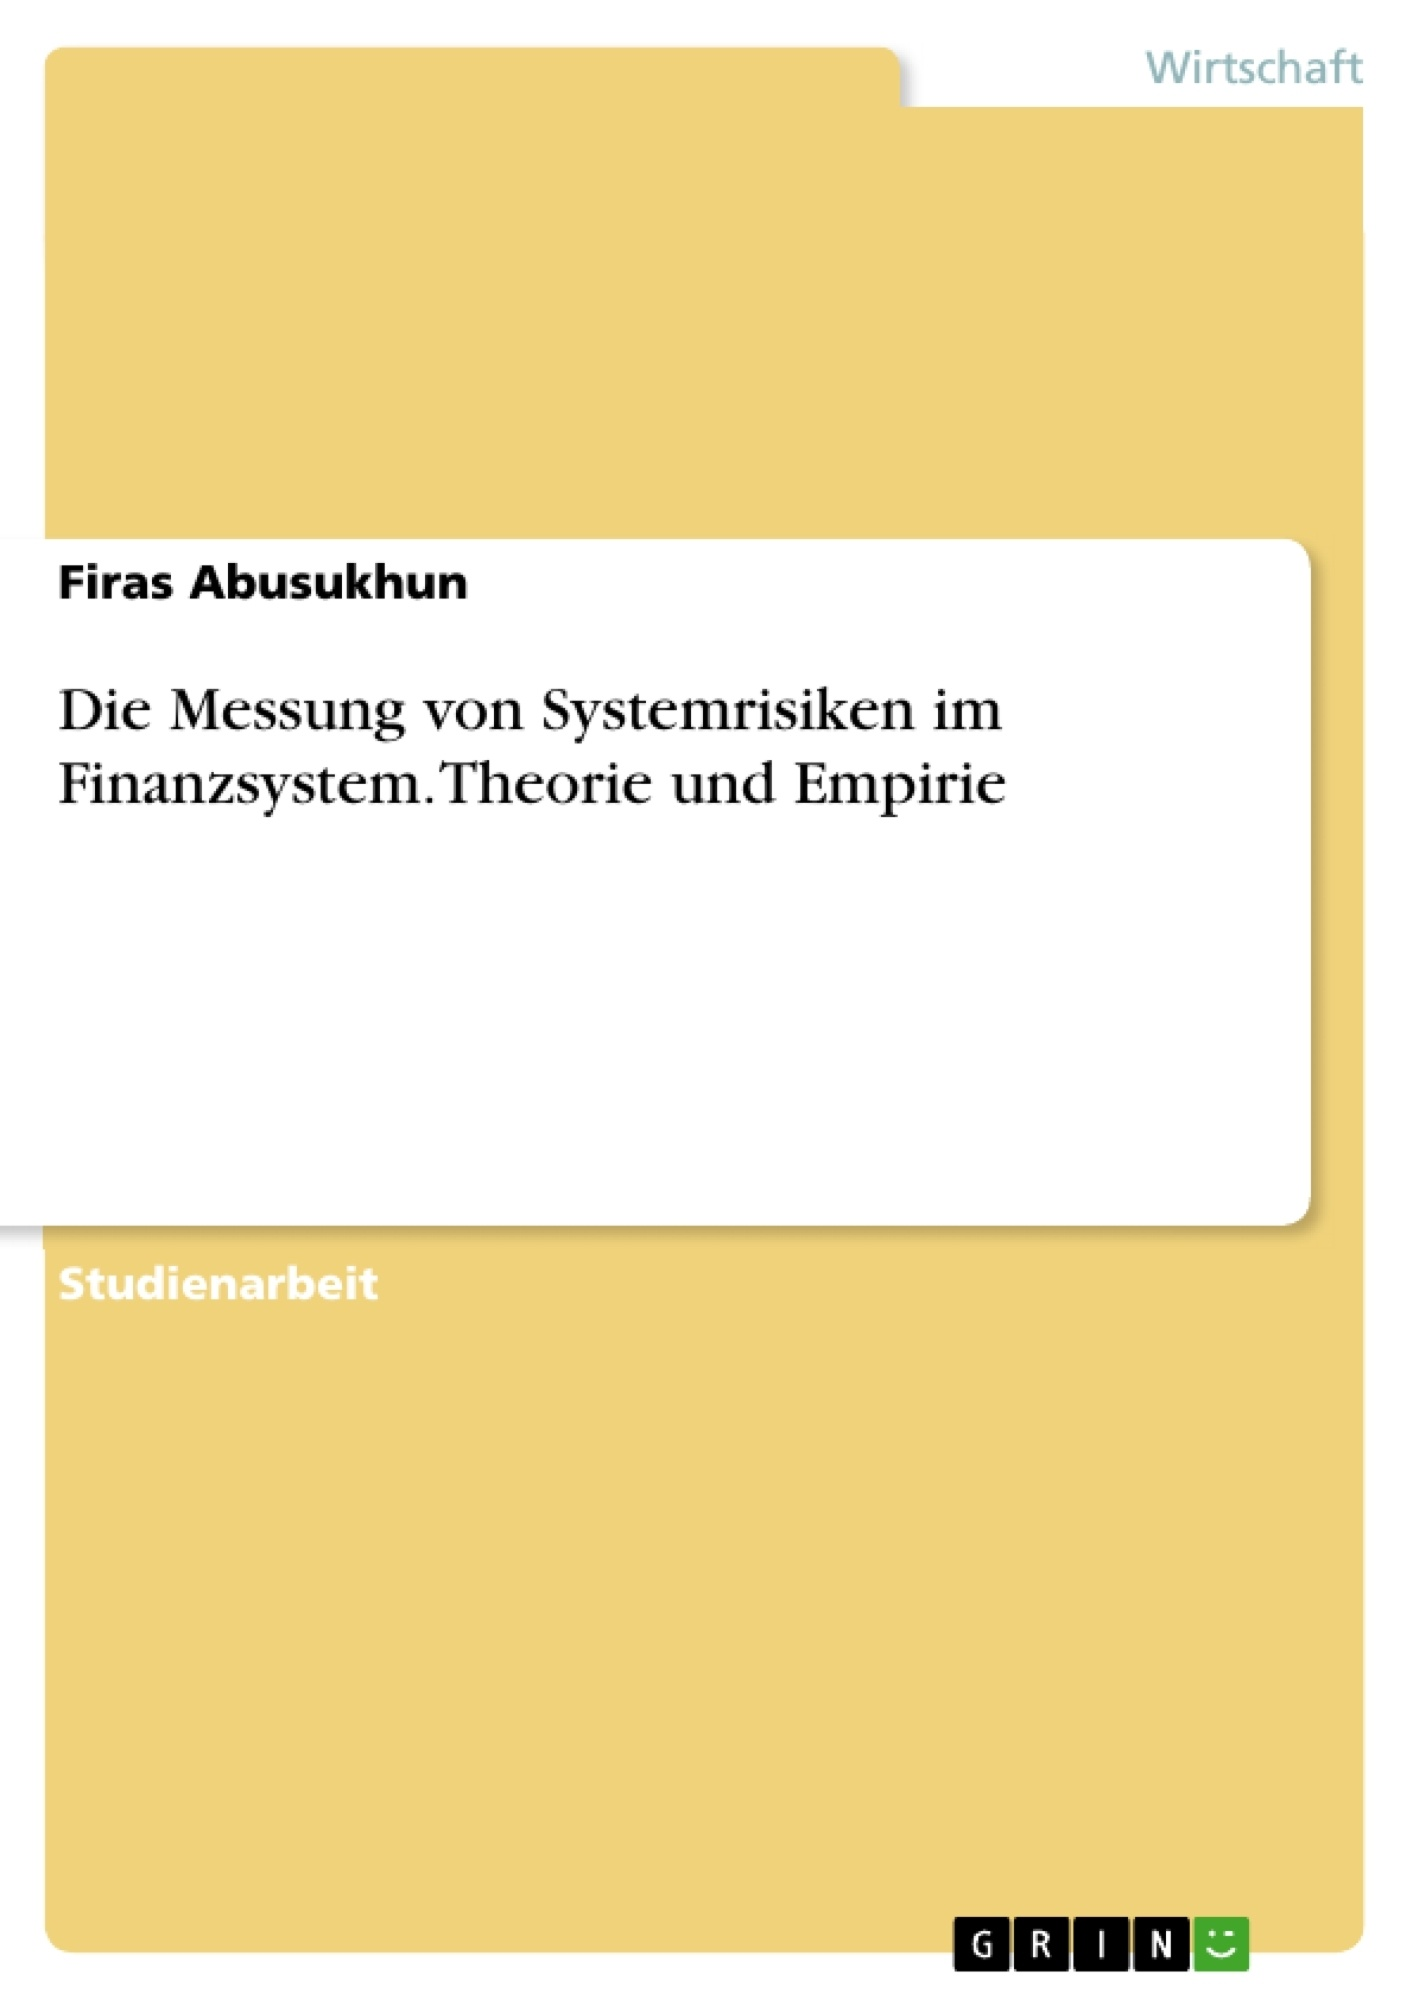 Titel: Die Messung von Systemrisiken im Finanzsystem. Theorie und Empirie